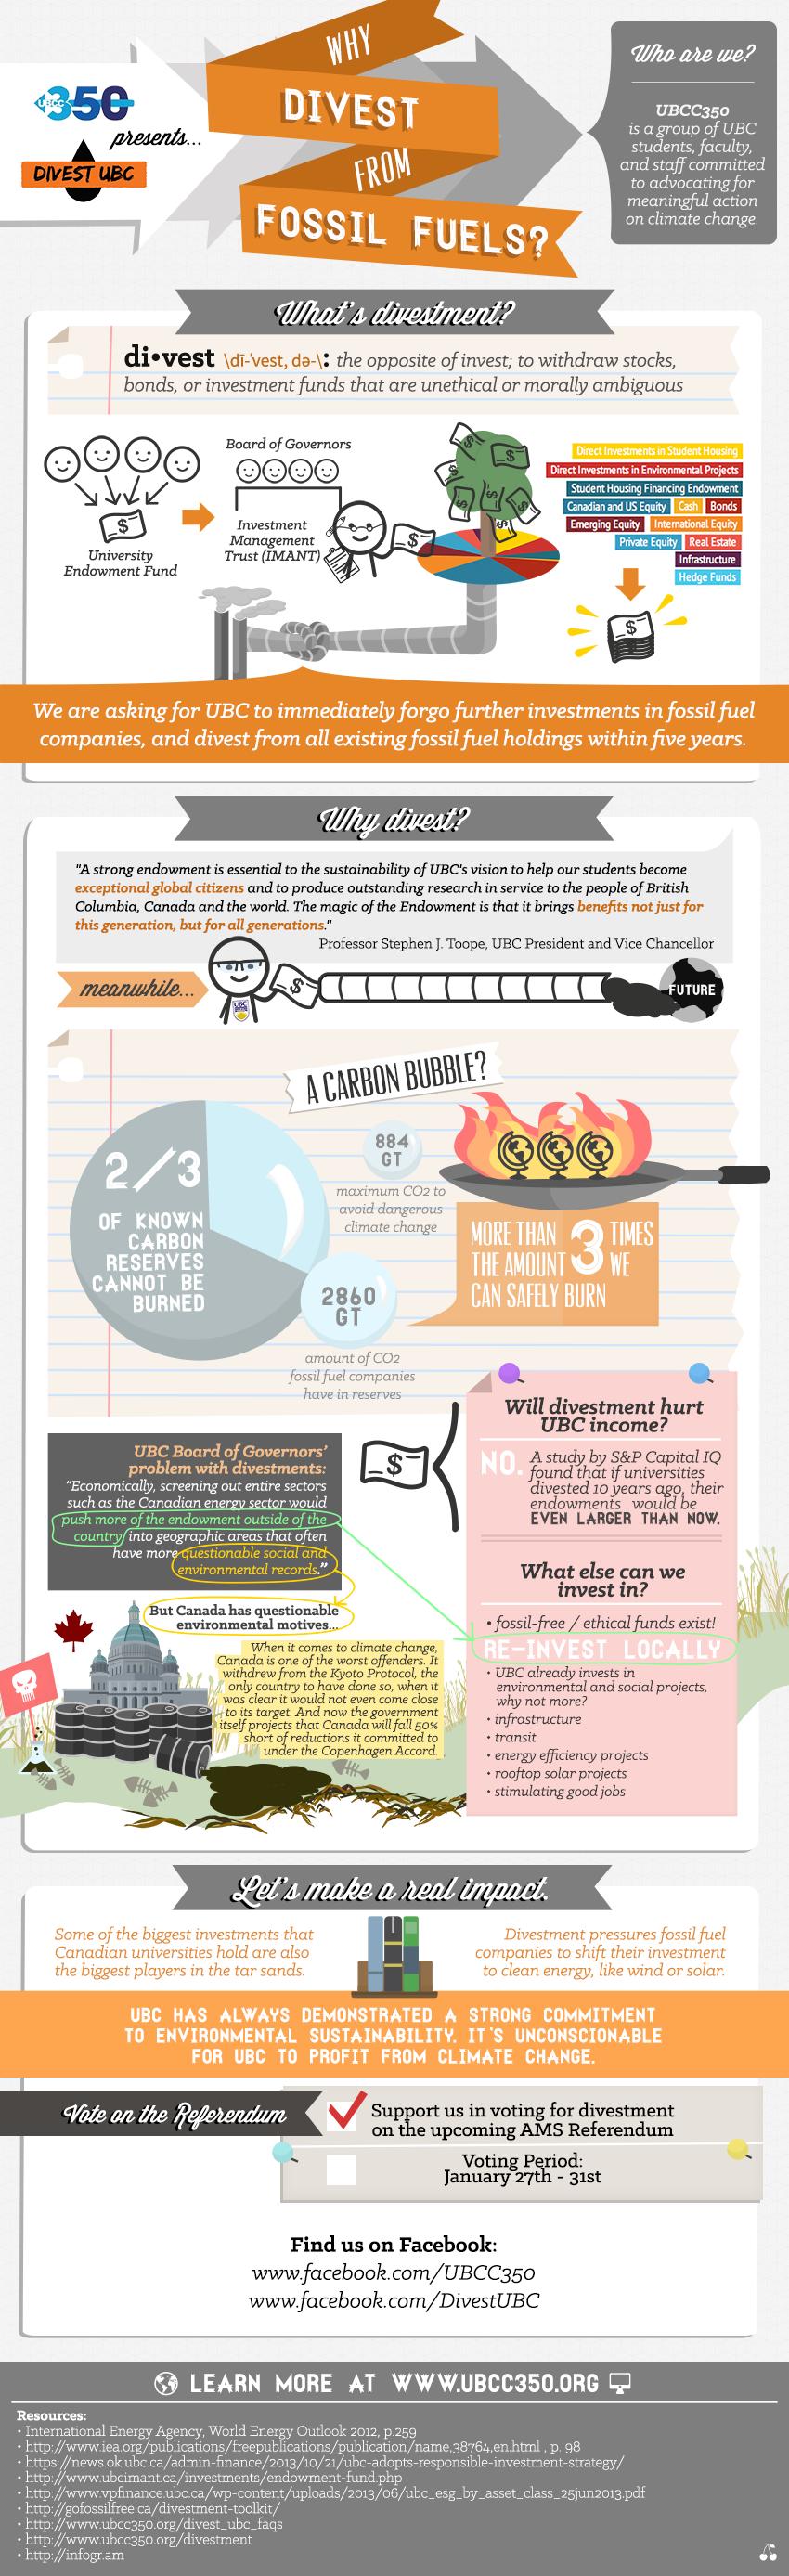 UBCC350's Infographic